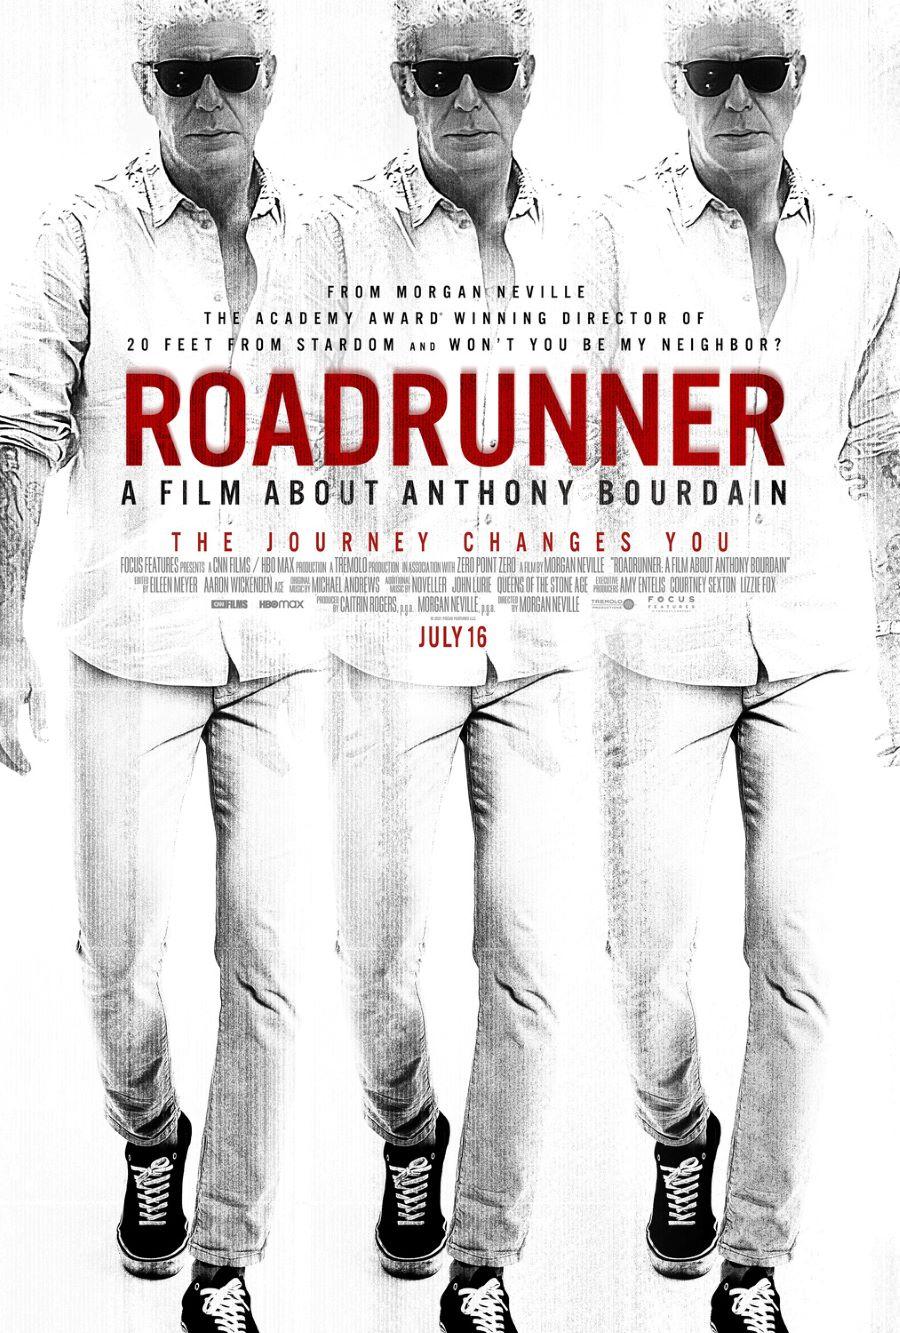 Roadrunner: Anthony Bourdain